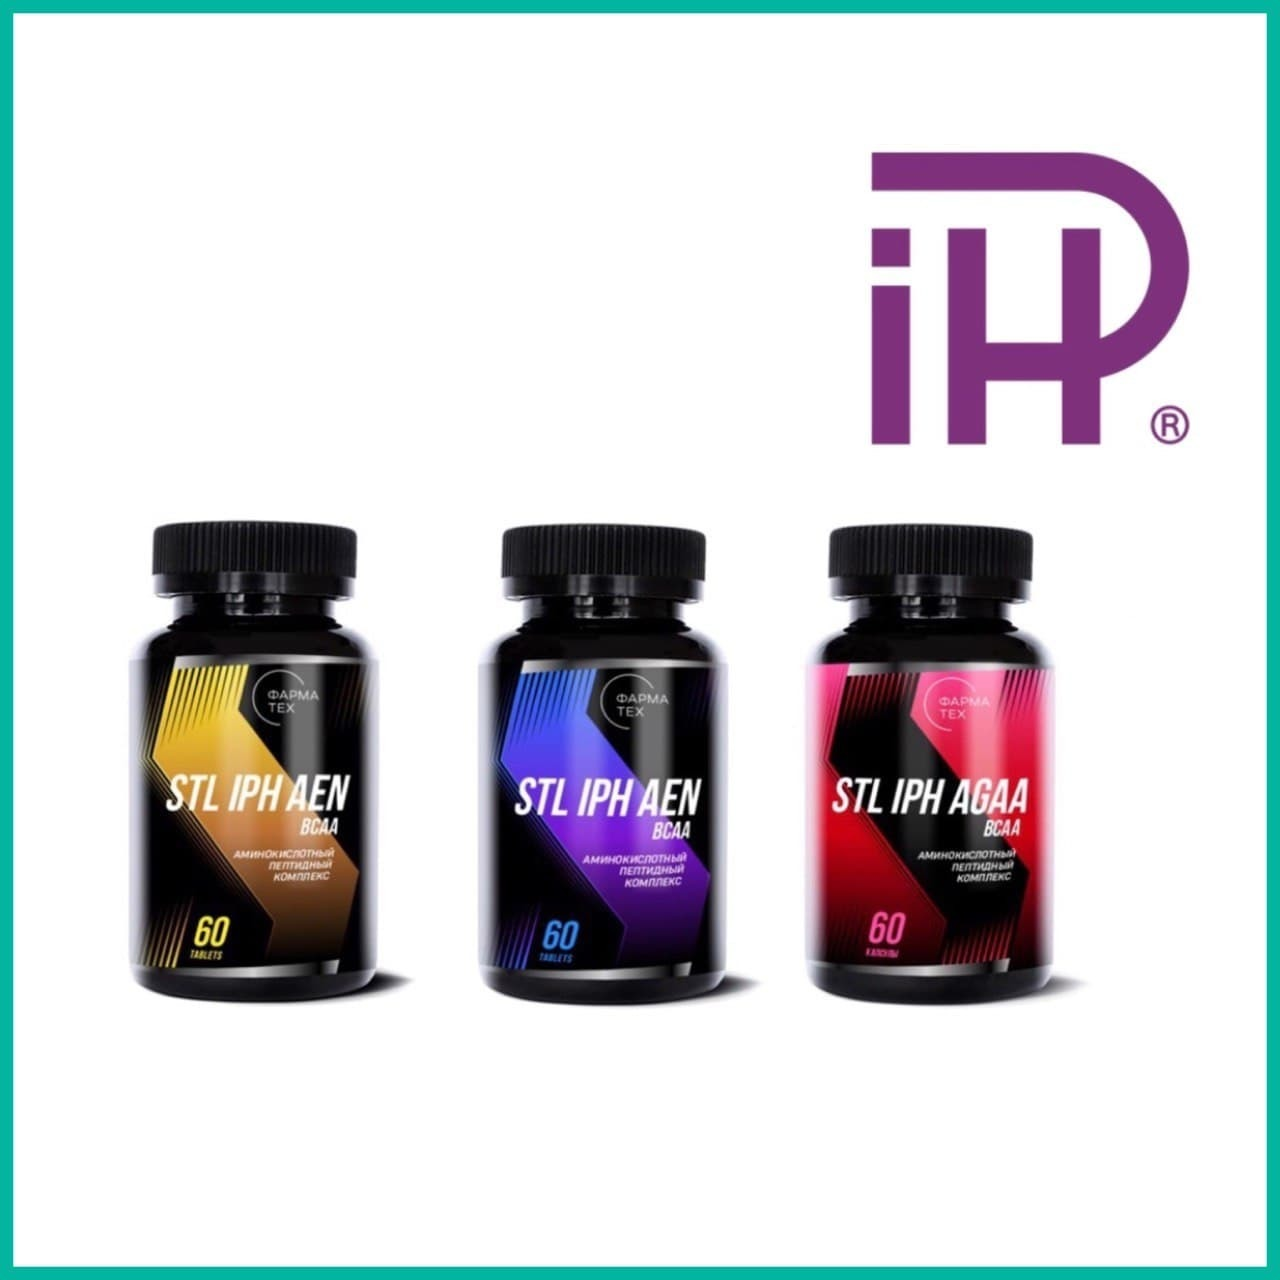 Пептиды IPH Peptides